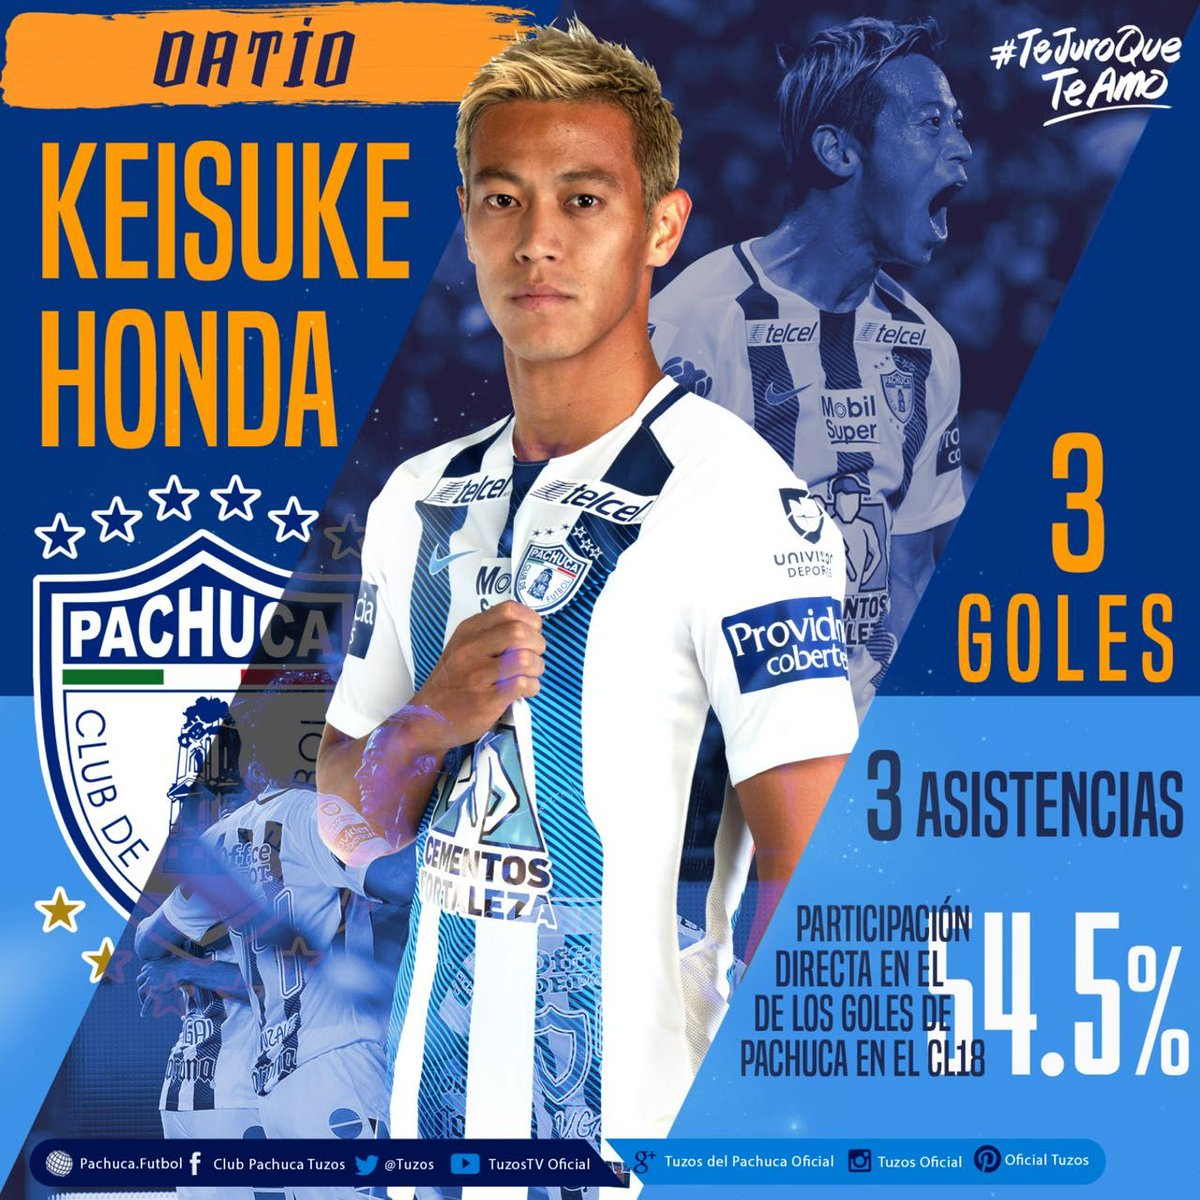 Keisuke Honda ha participado en el 54 de los goles del Pachuca en la presente campaña